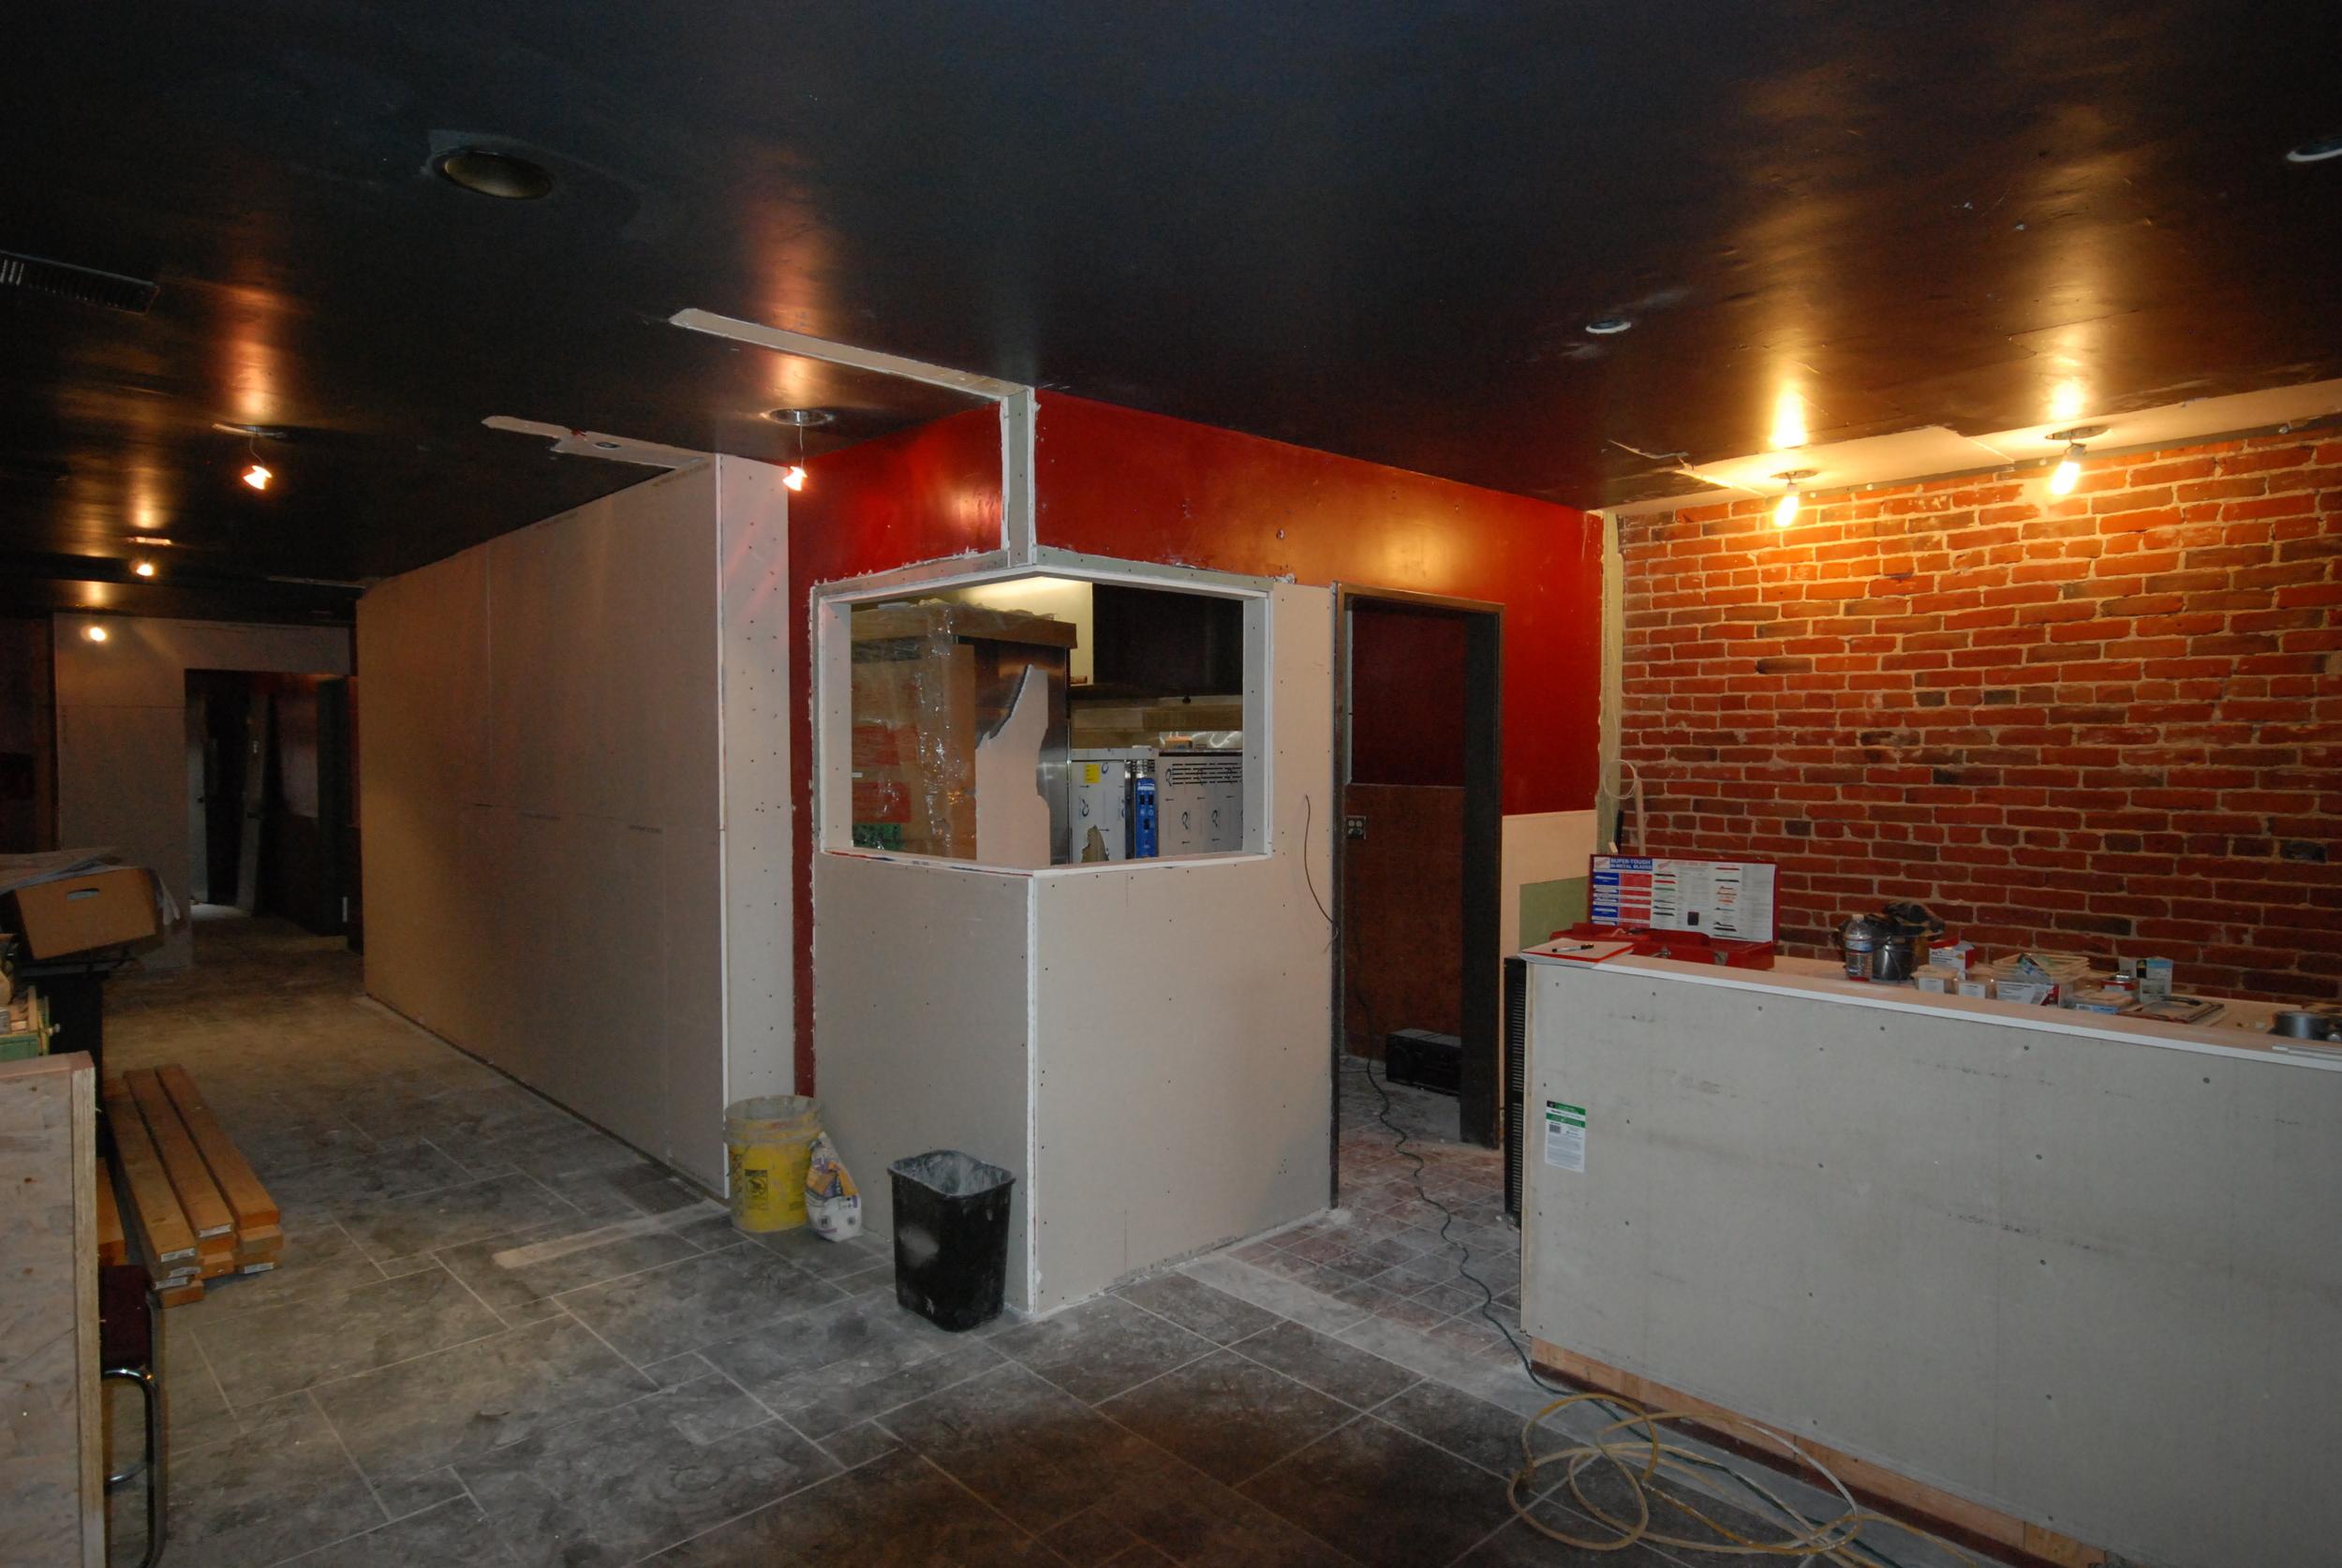 09_ san diego architecture interior design restaurants cafe 21 point of departure studio.jpg